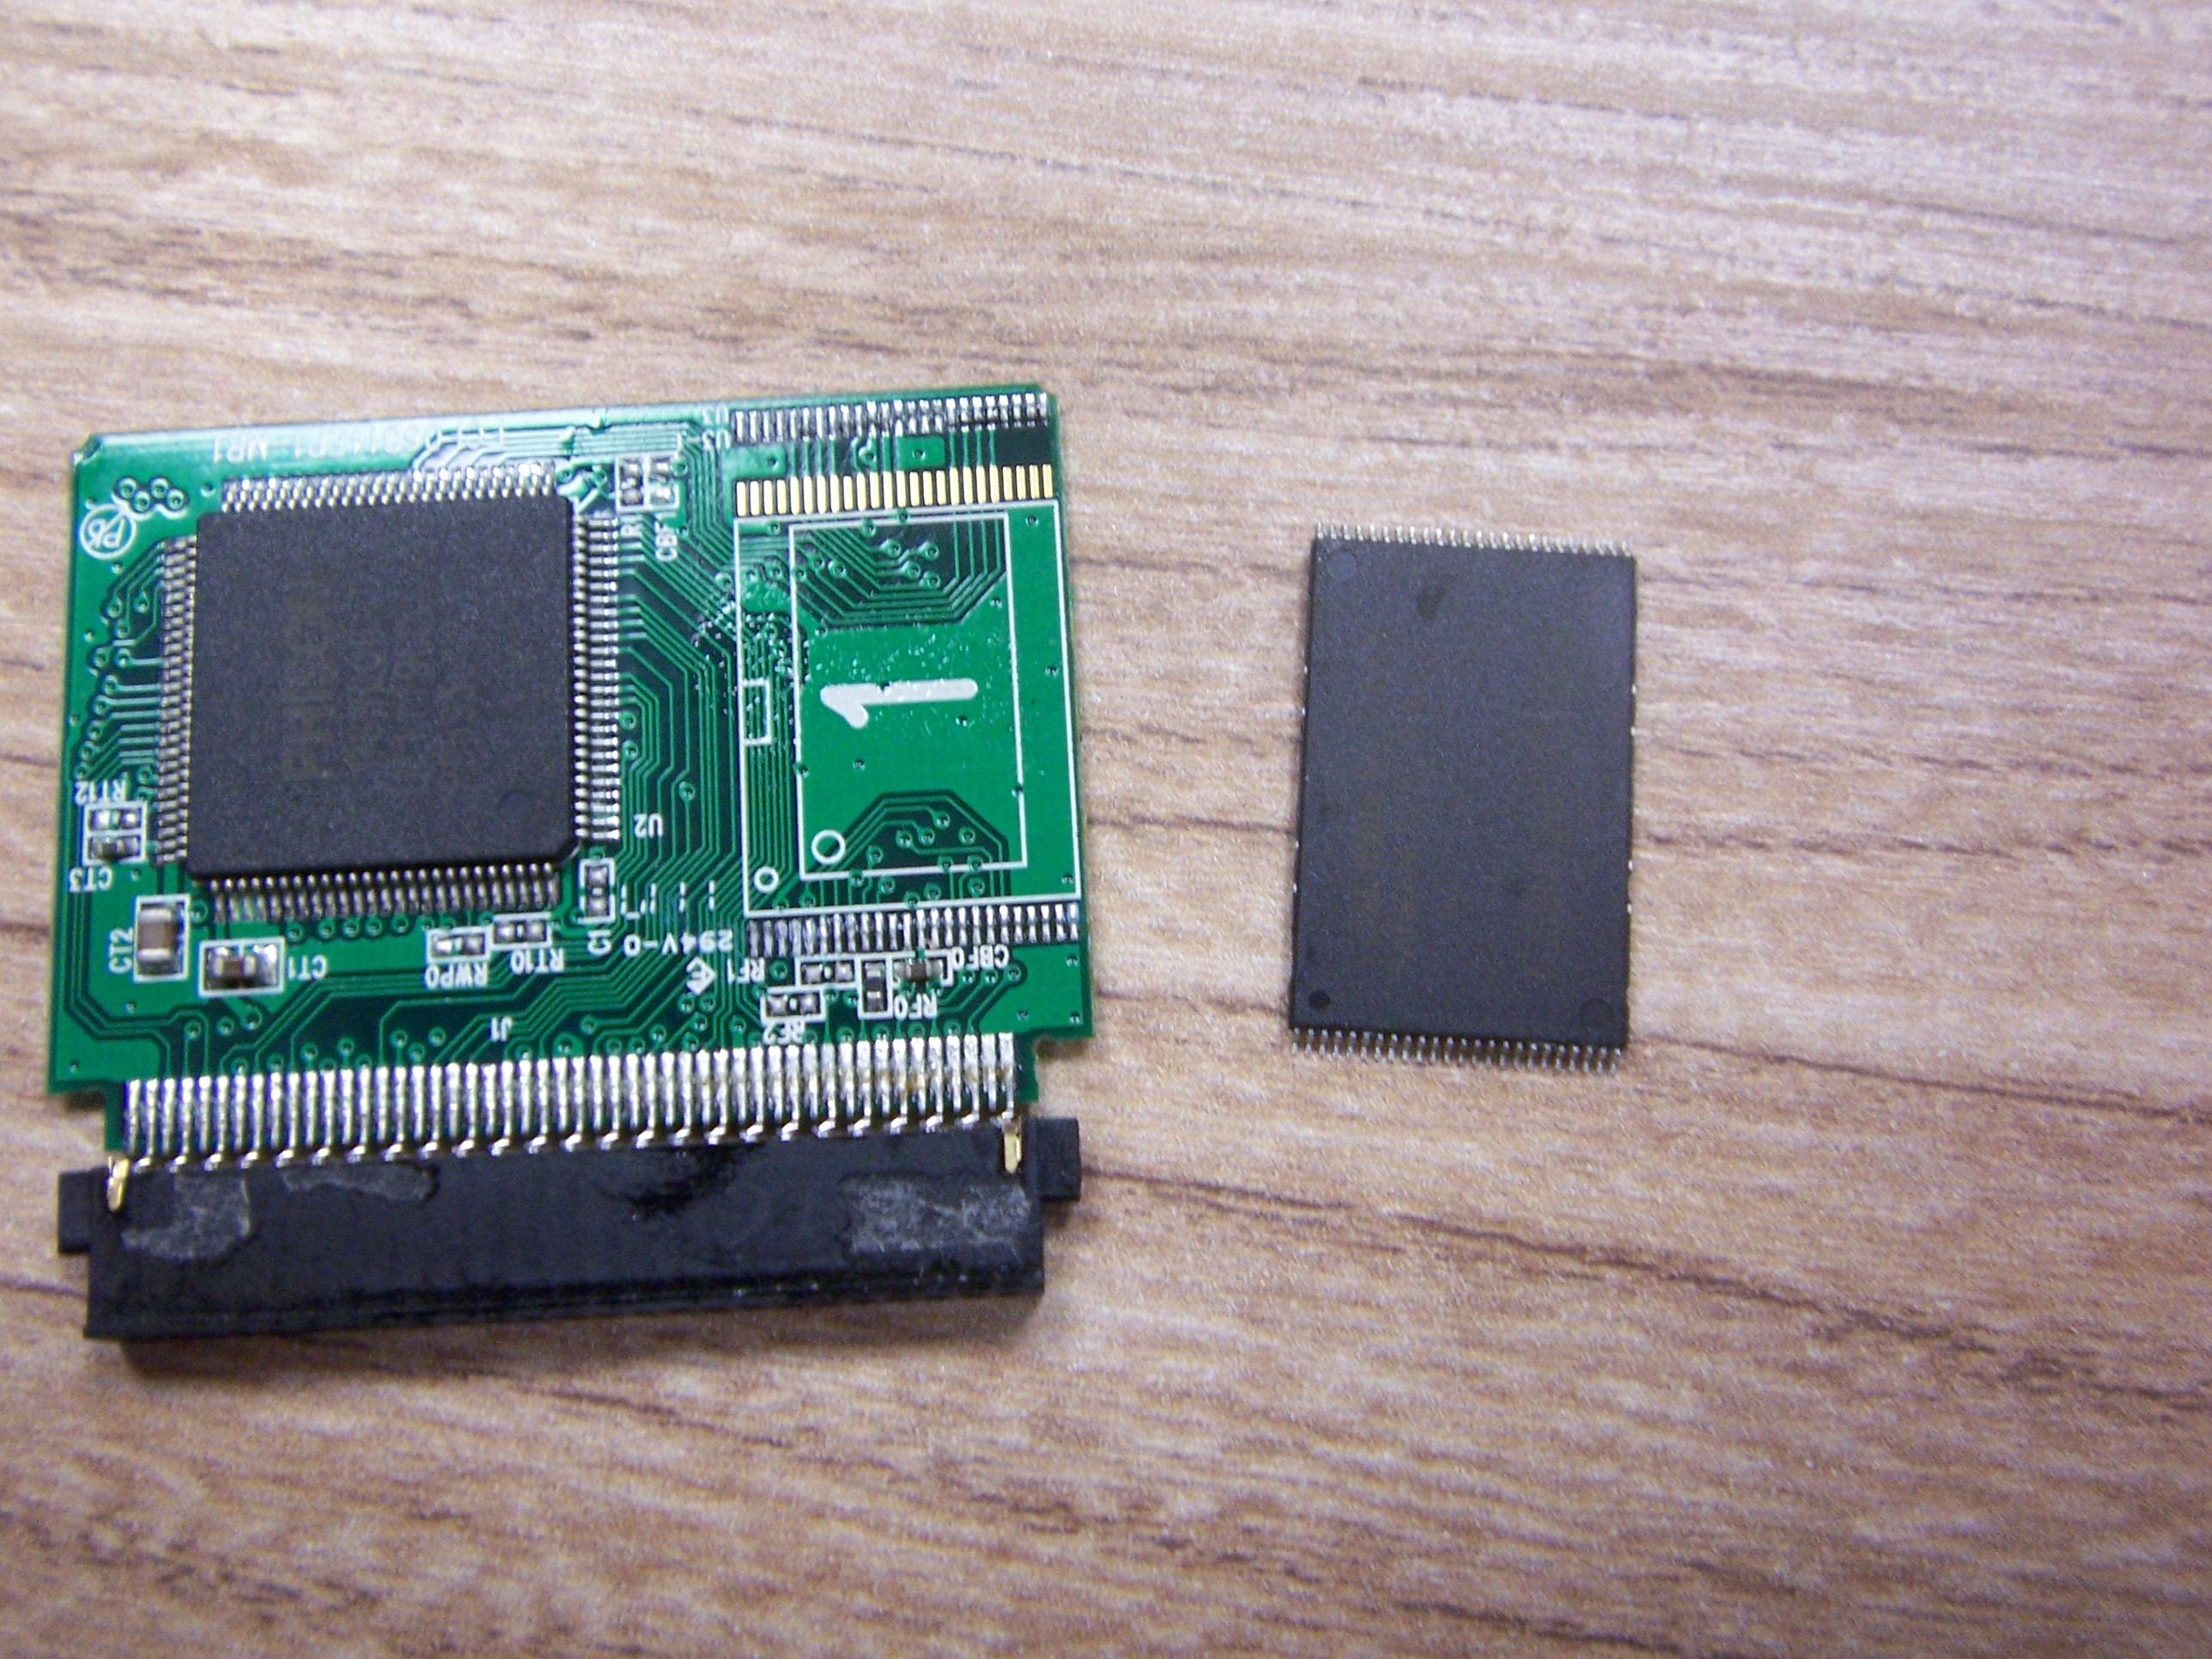 Odlutowany Chip NAND Flash obok płytki drukowanej karty CF, na płytce nadal przylutowany kontroler pamięci flash